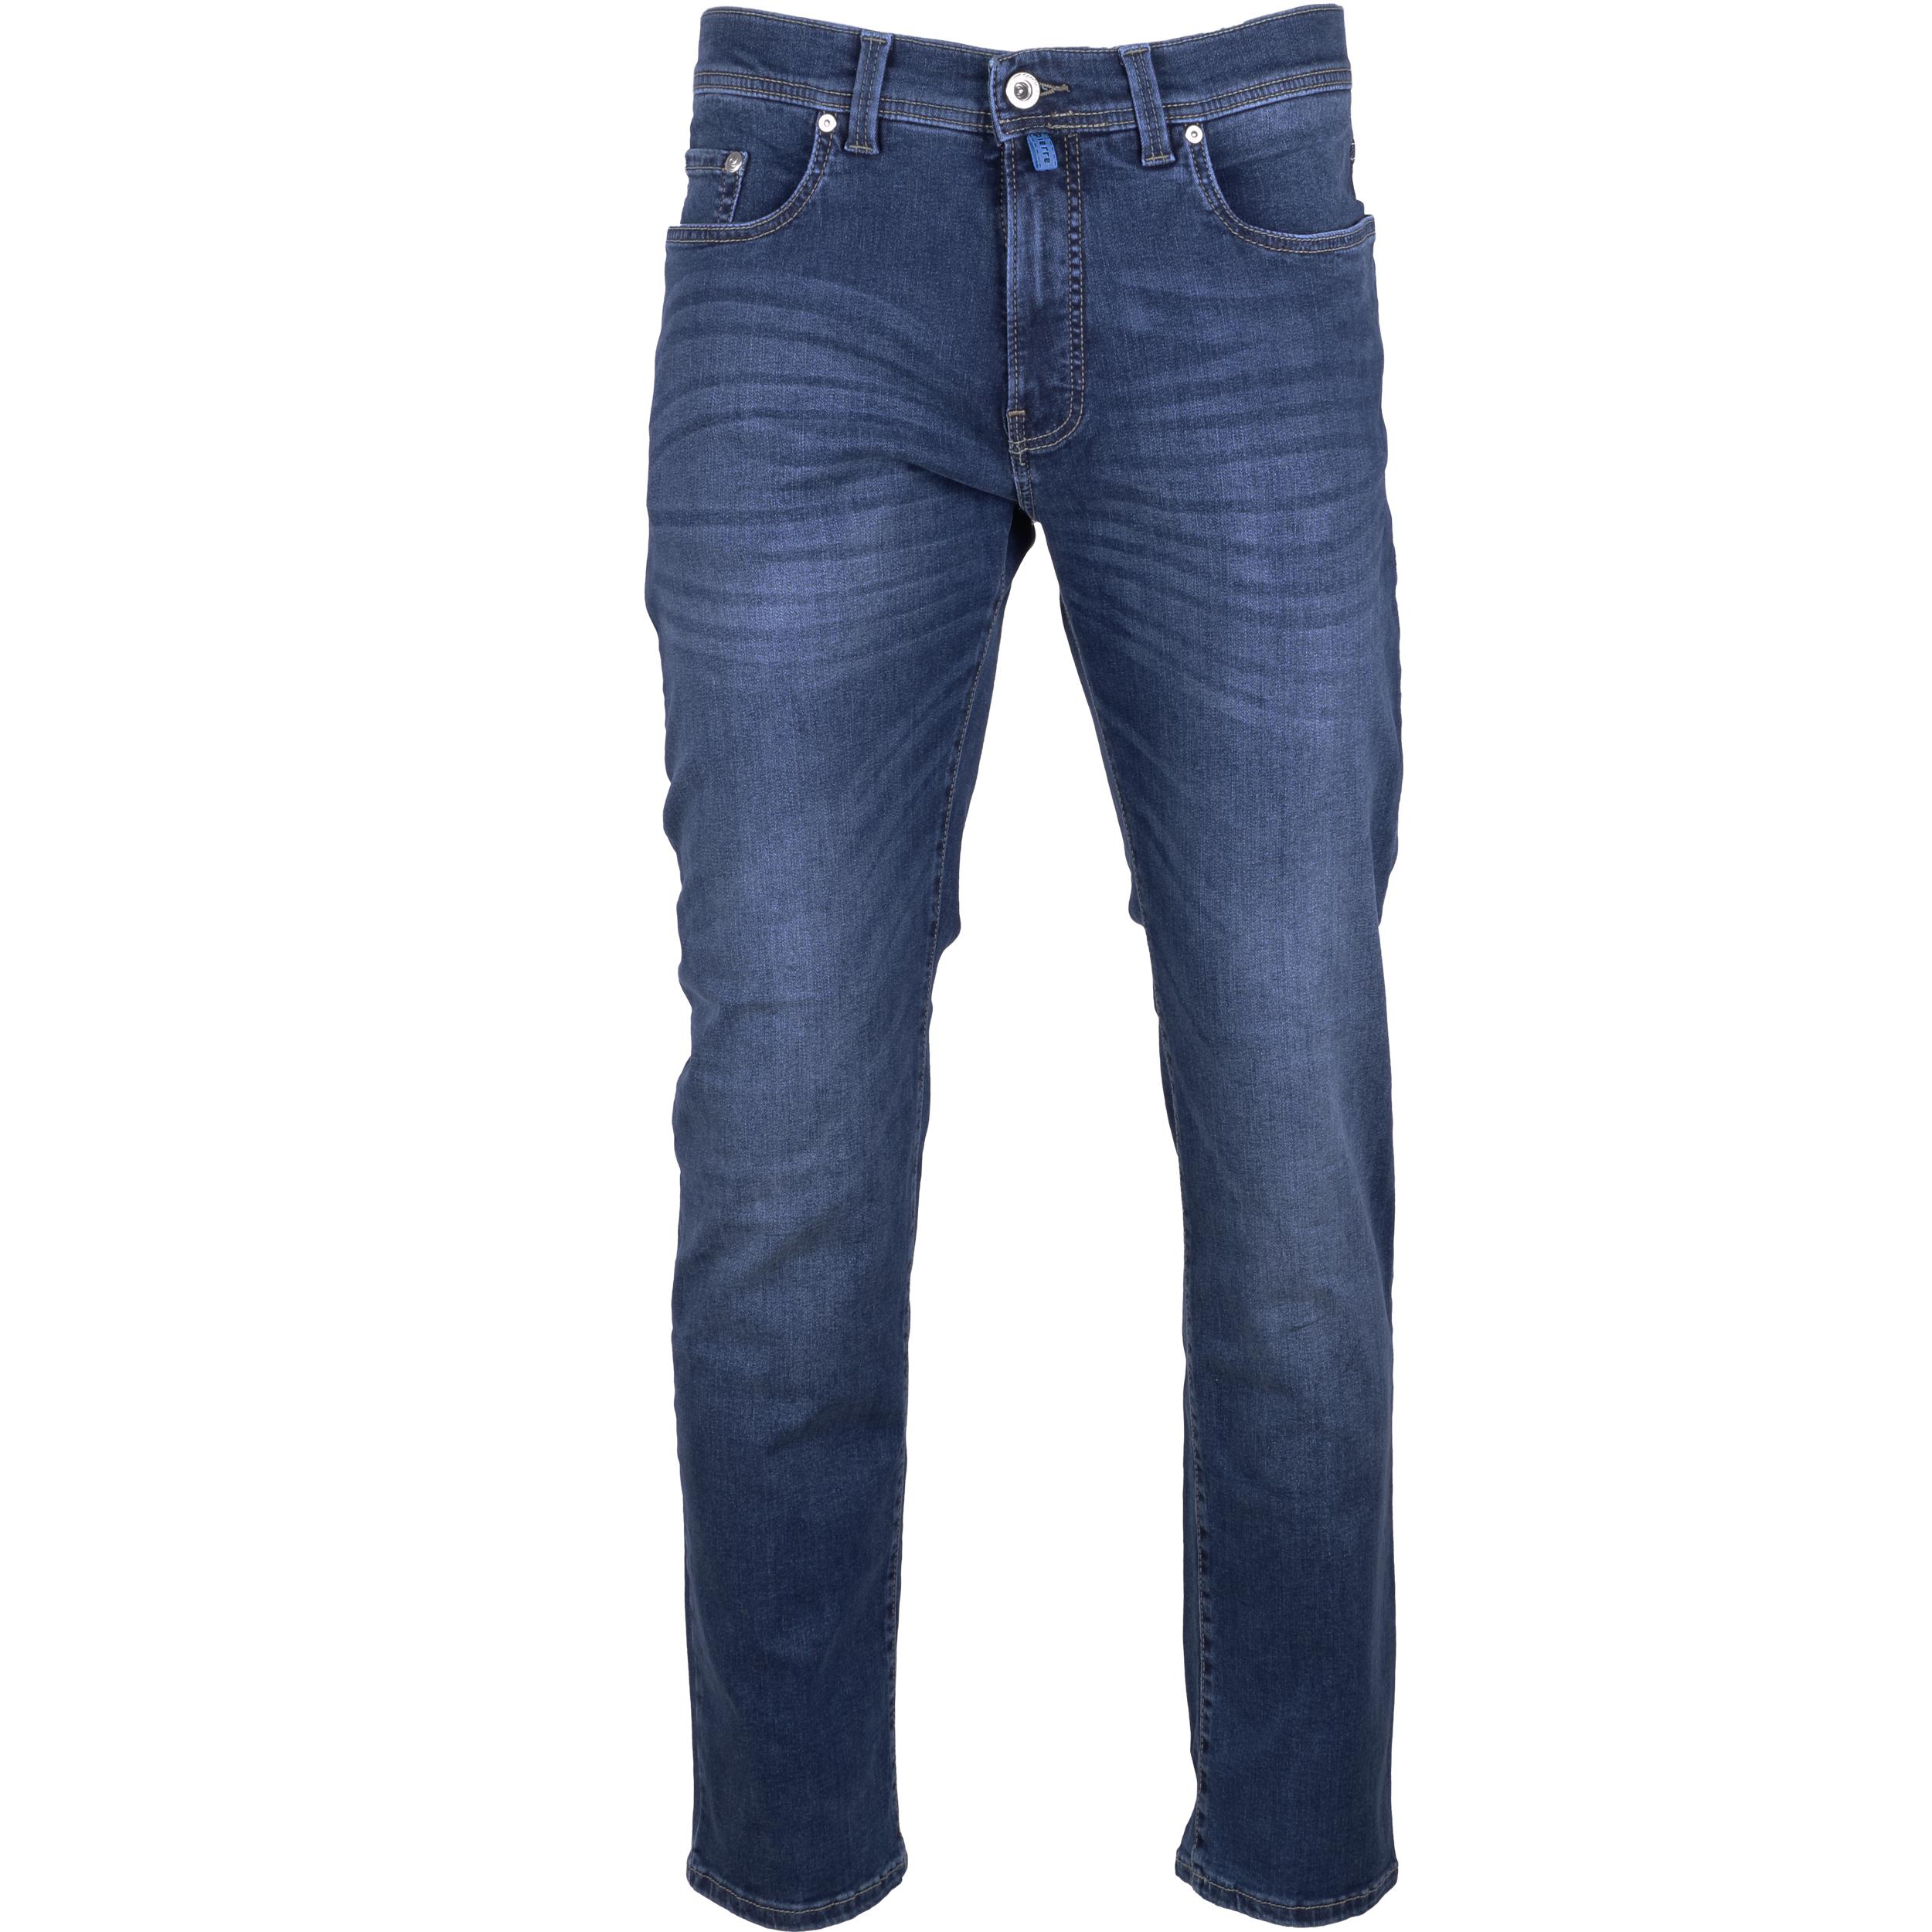 Pierre Cardin Herren Jeans Lyon Futureflex - blau used 40/34